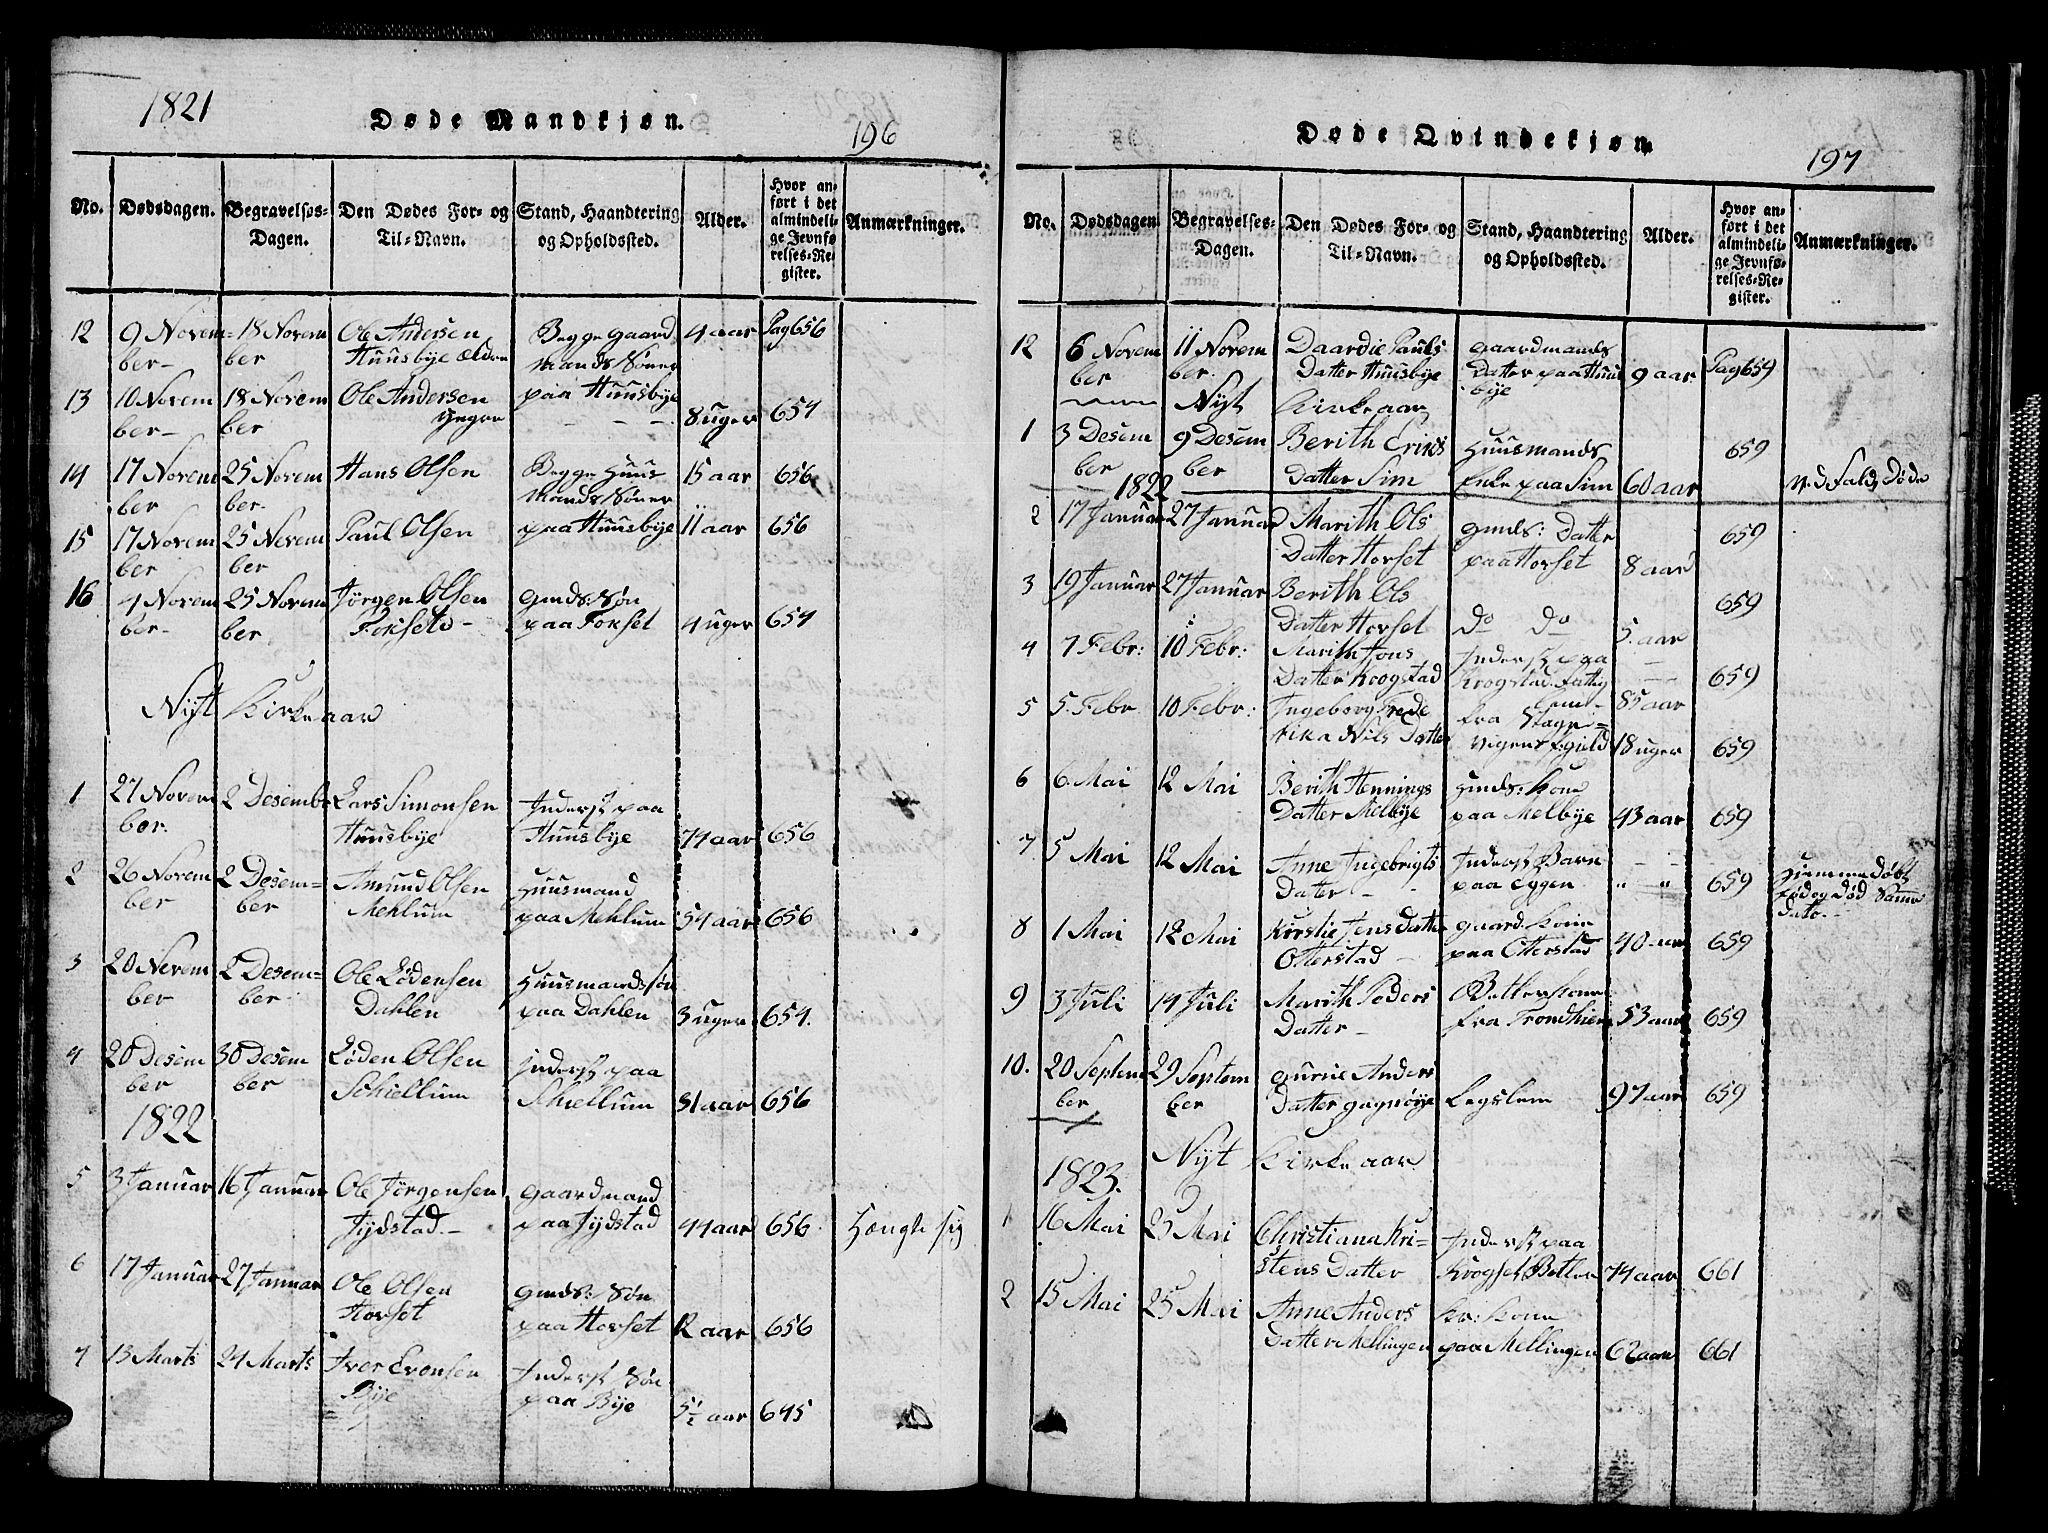 SAT, Ministerialprotokoller, klokkerbøker og fødselsregistre - Sør-Trøndelag, 667/L0796: Klokkerbok nr. 667C01, 1817-1836, s. 196-197